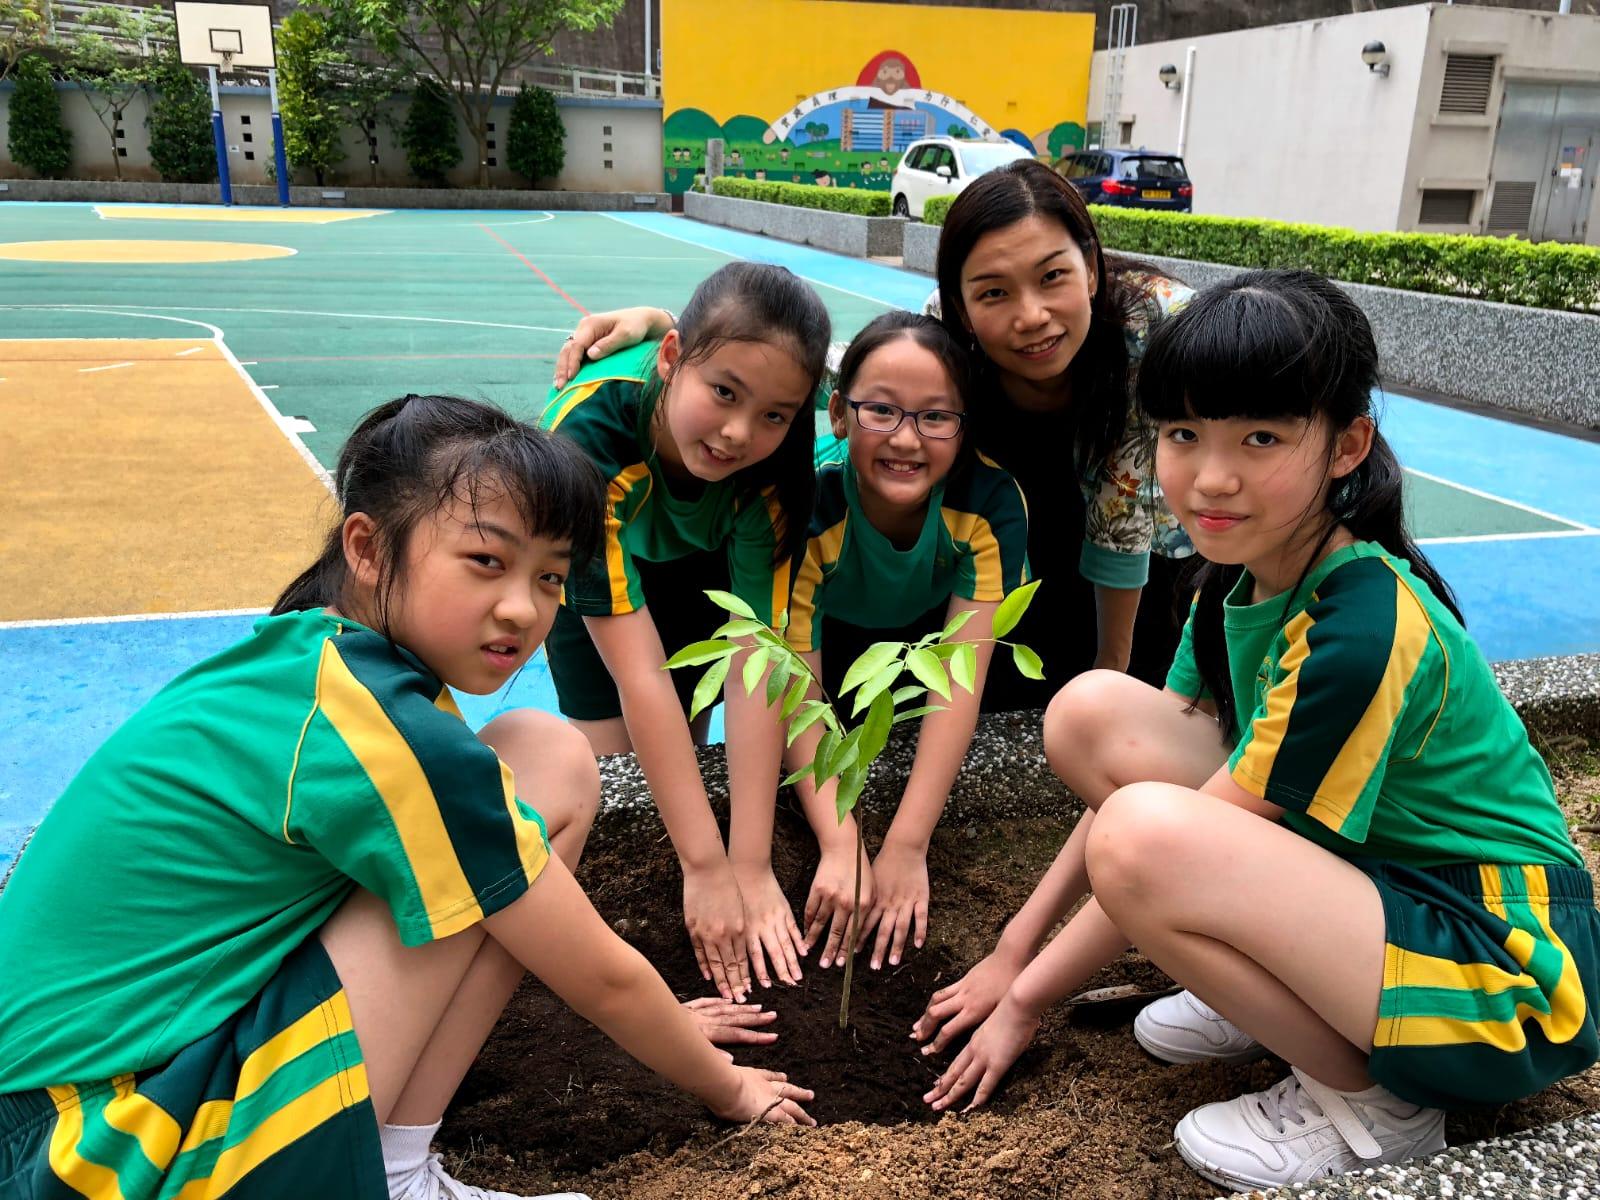 葉春燕校長透過活動教學,讓學生找到興趣和方向。